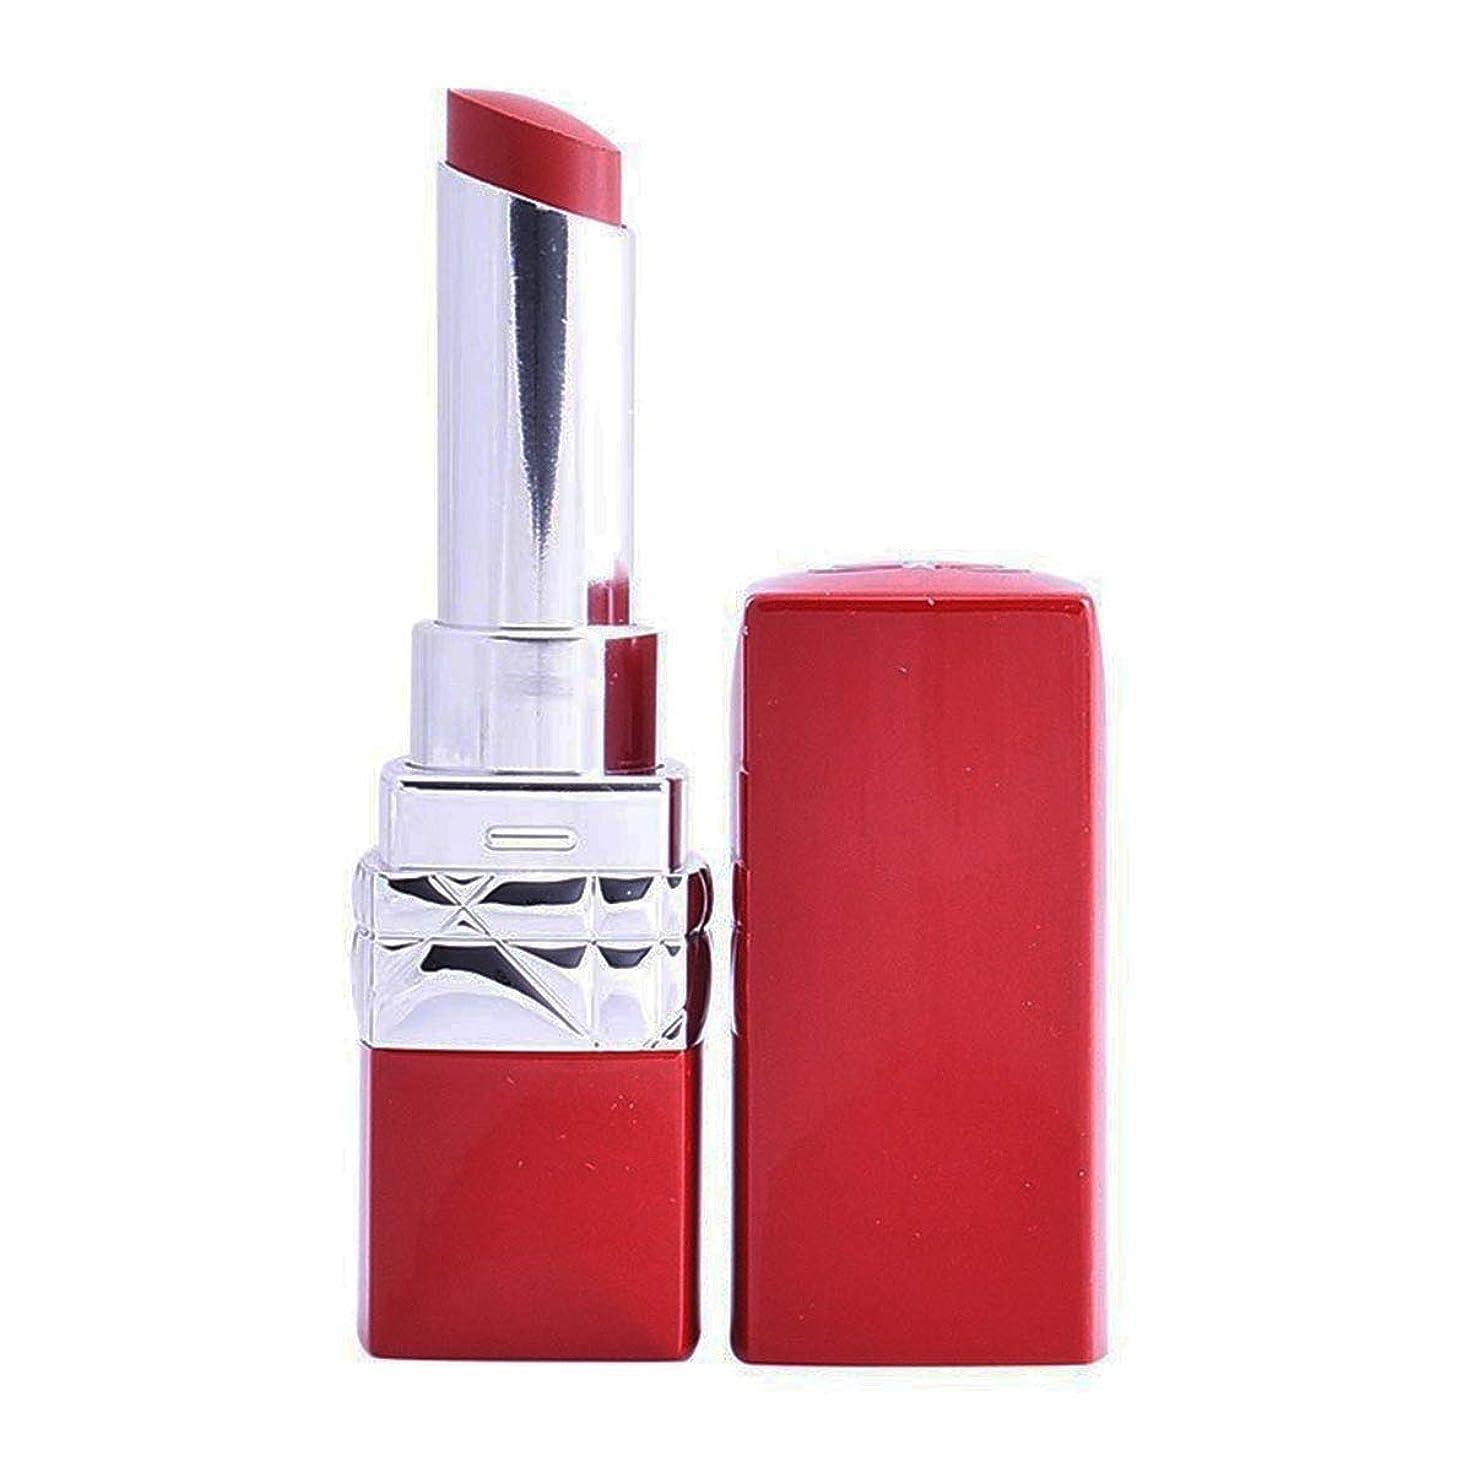 鉄道駅修正肌寒いクリスチャンディオール Rouge Dior Ultra Rouge - # 641 Ultra Spice 3.2g/0.11oz並行輸入品